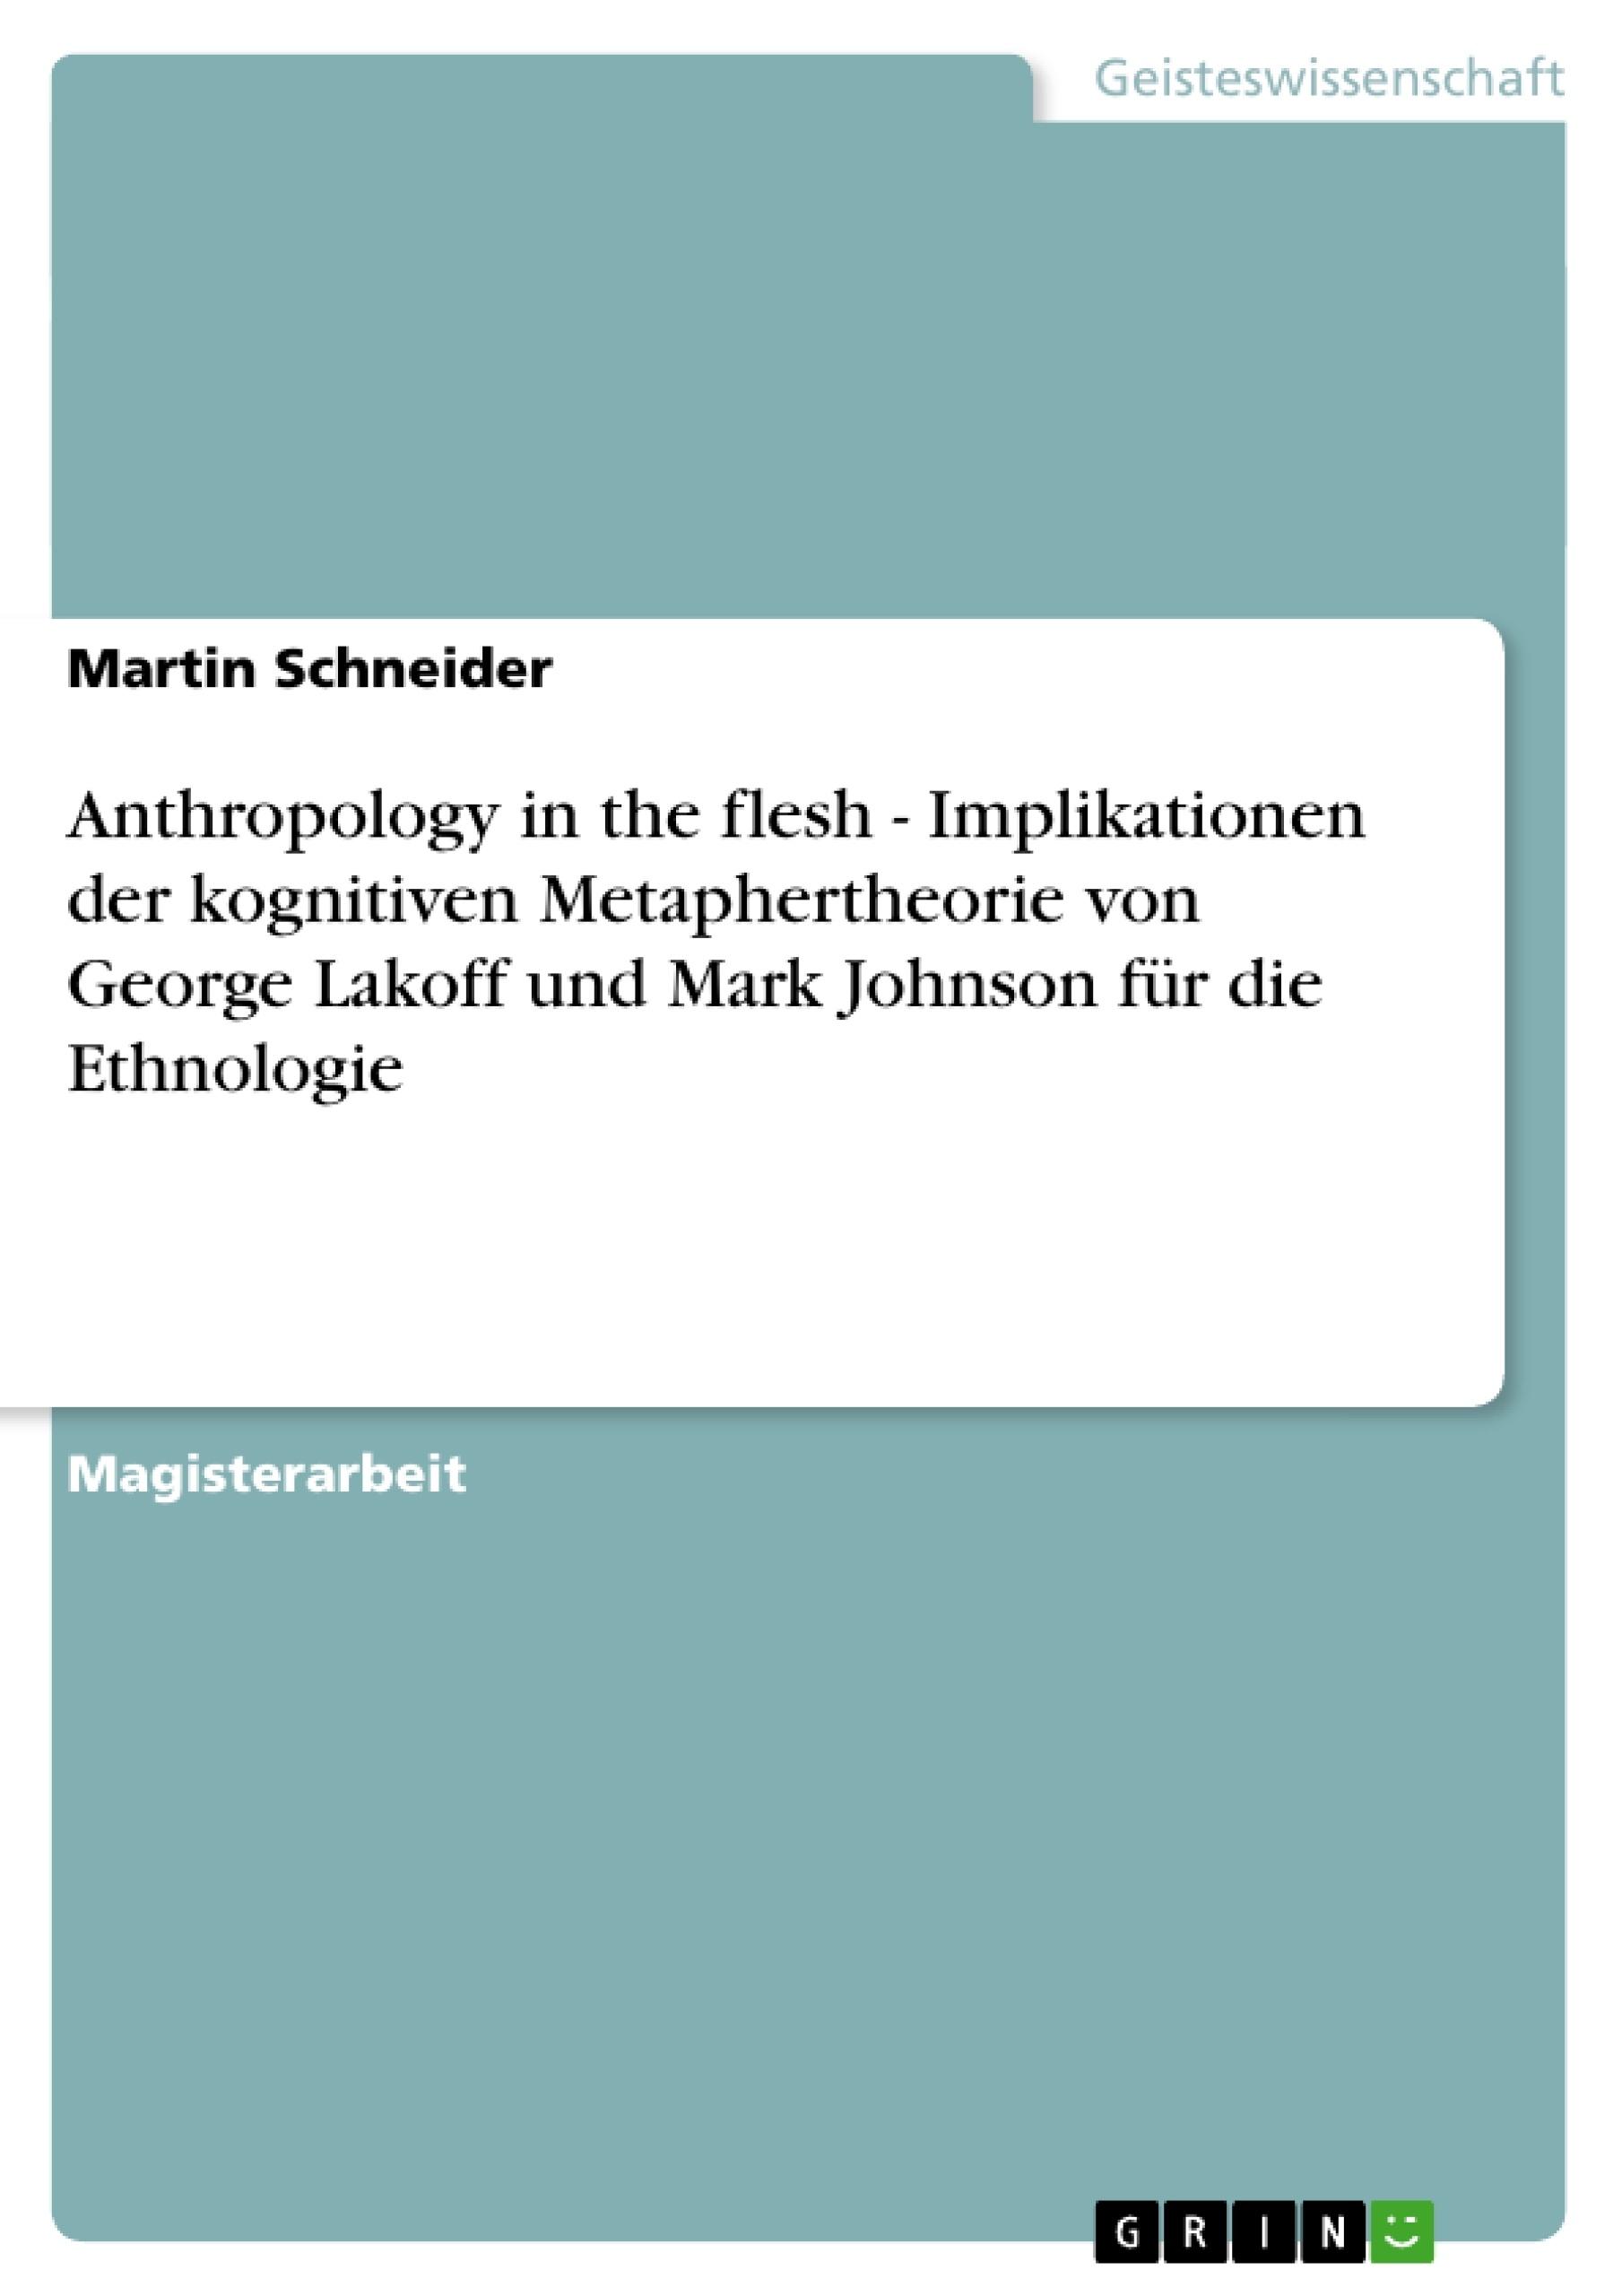 Titel: Anthropology in the flesh - Implikationen der kognitiven Metaphertheorie von George Lakoff und Mark Johnson für die Ethnologie